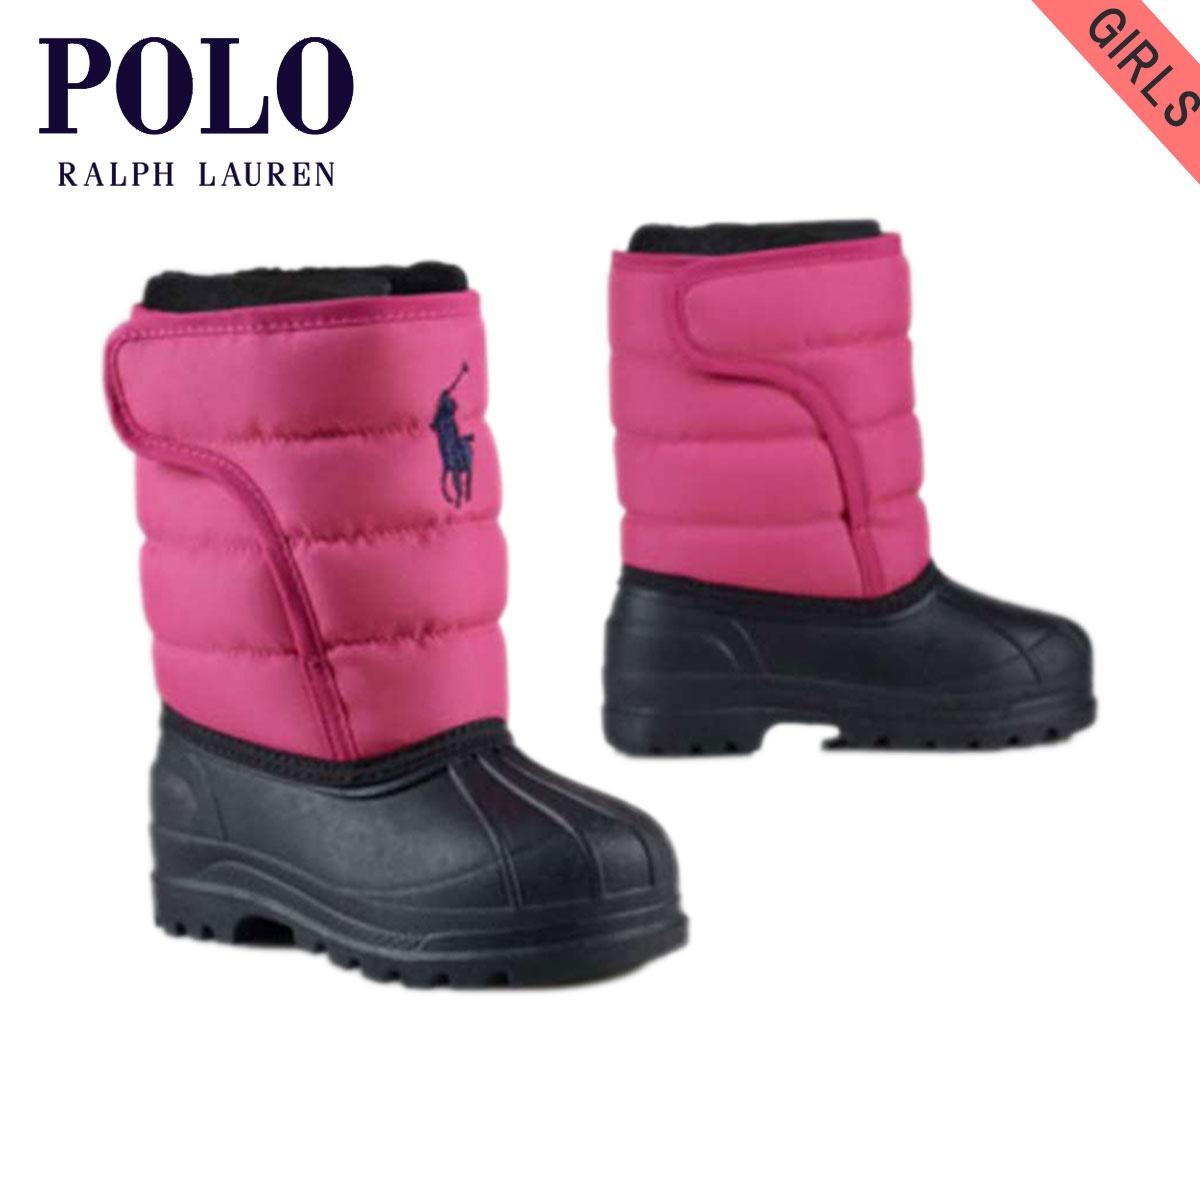 018973a4808 Polo Ralph Lauren kids POLO RALPH LAUREN CHILDREN regular article  children's clothes girls snow boot Vancouver